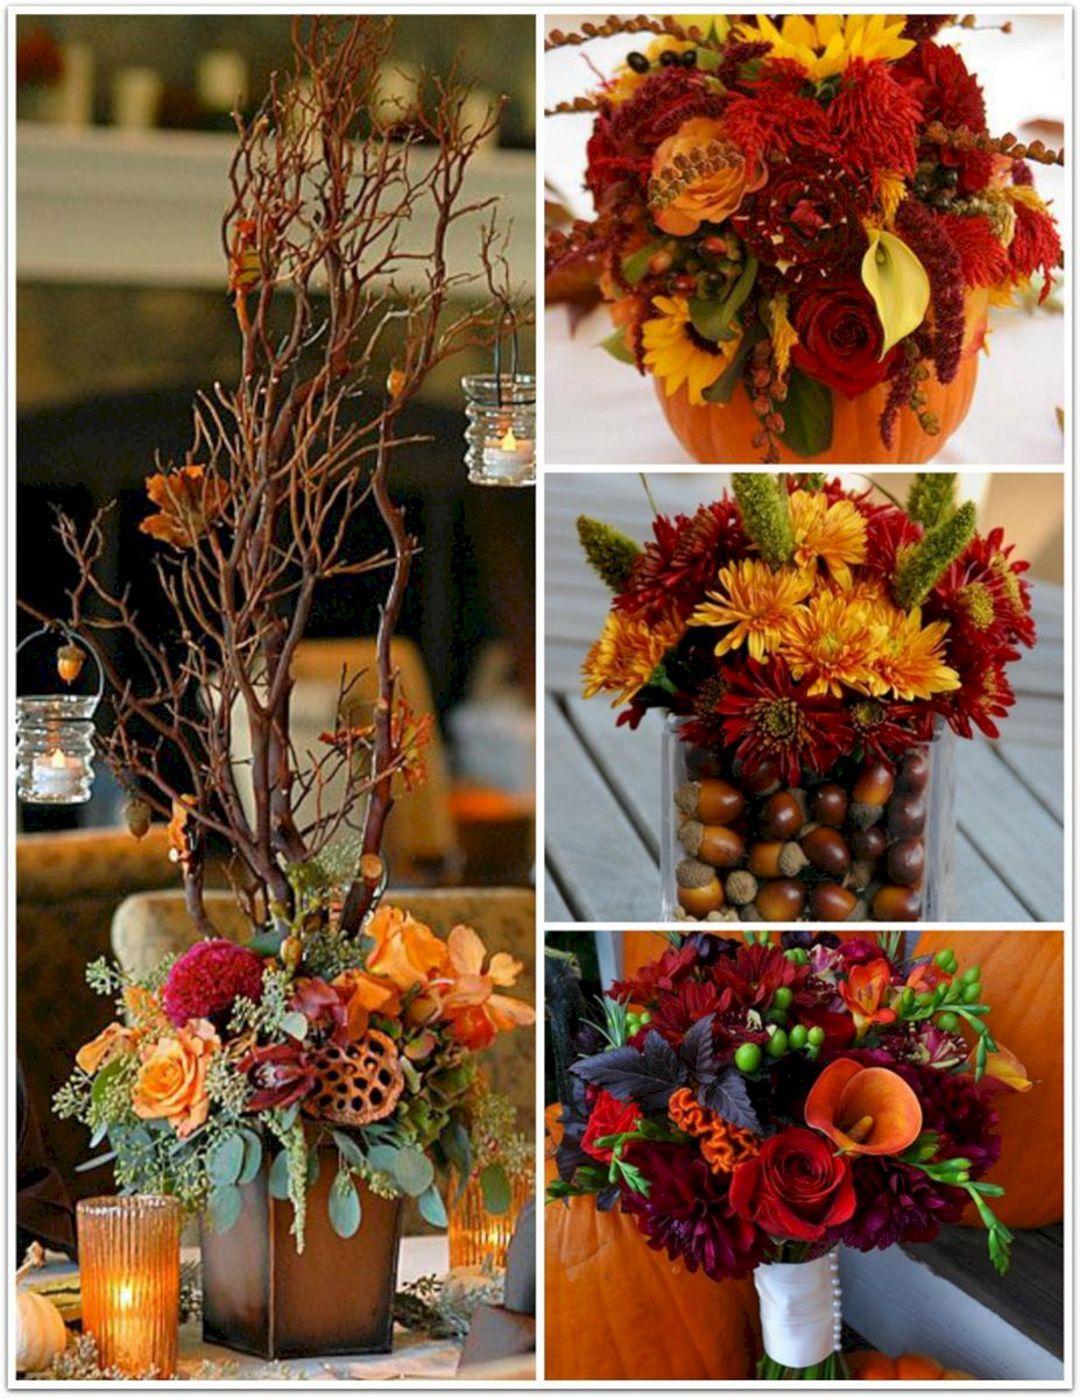 25 Most Beautiful Fall Wedding Party Decoration Ideas #fallweddingideas